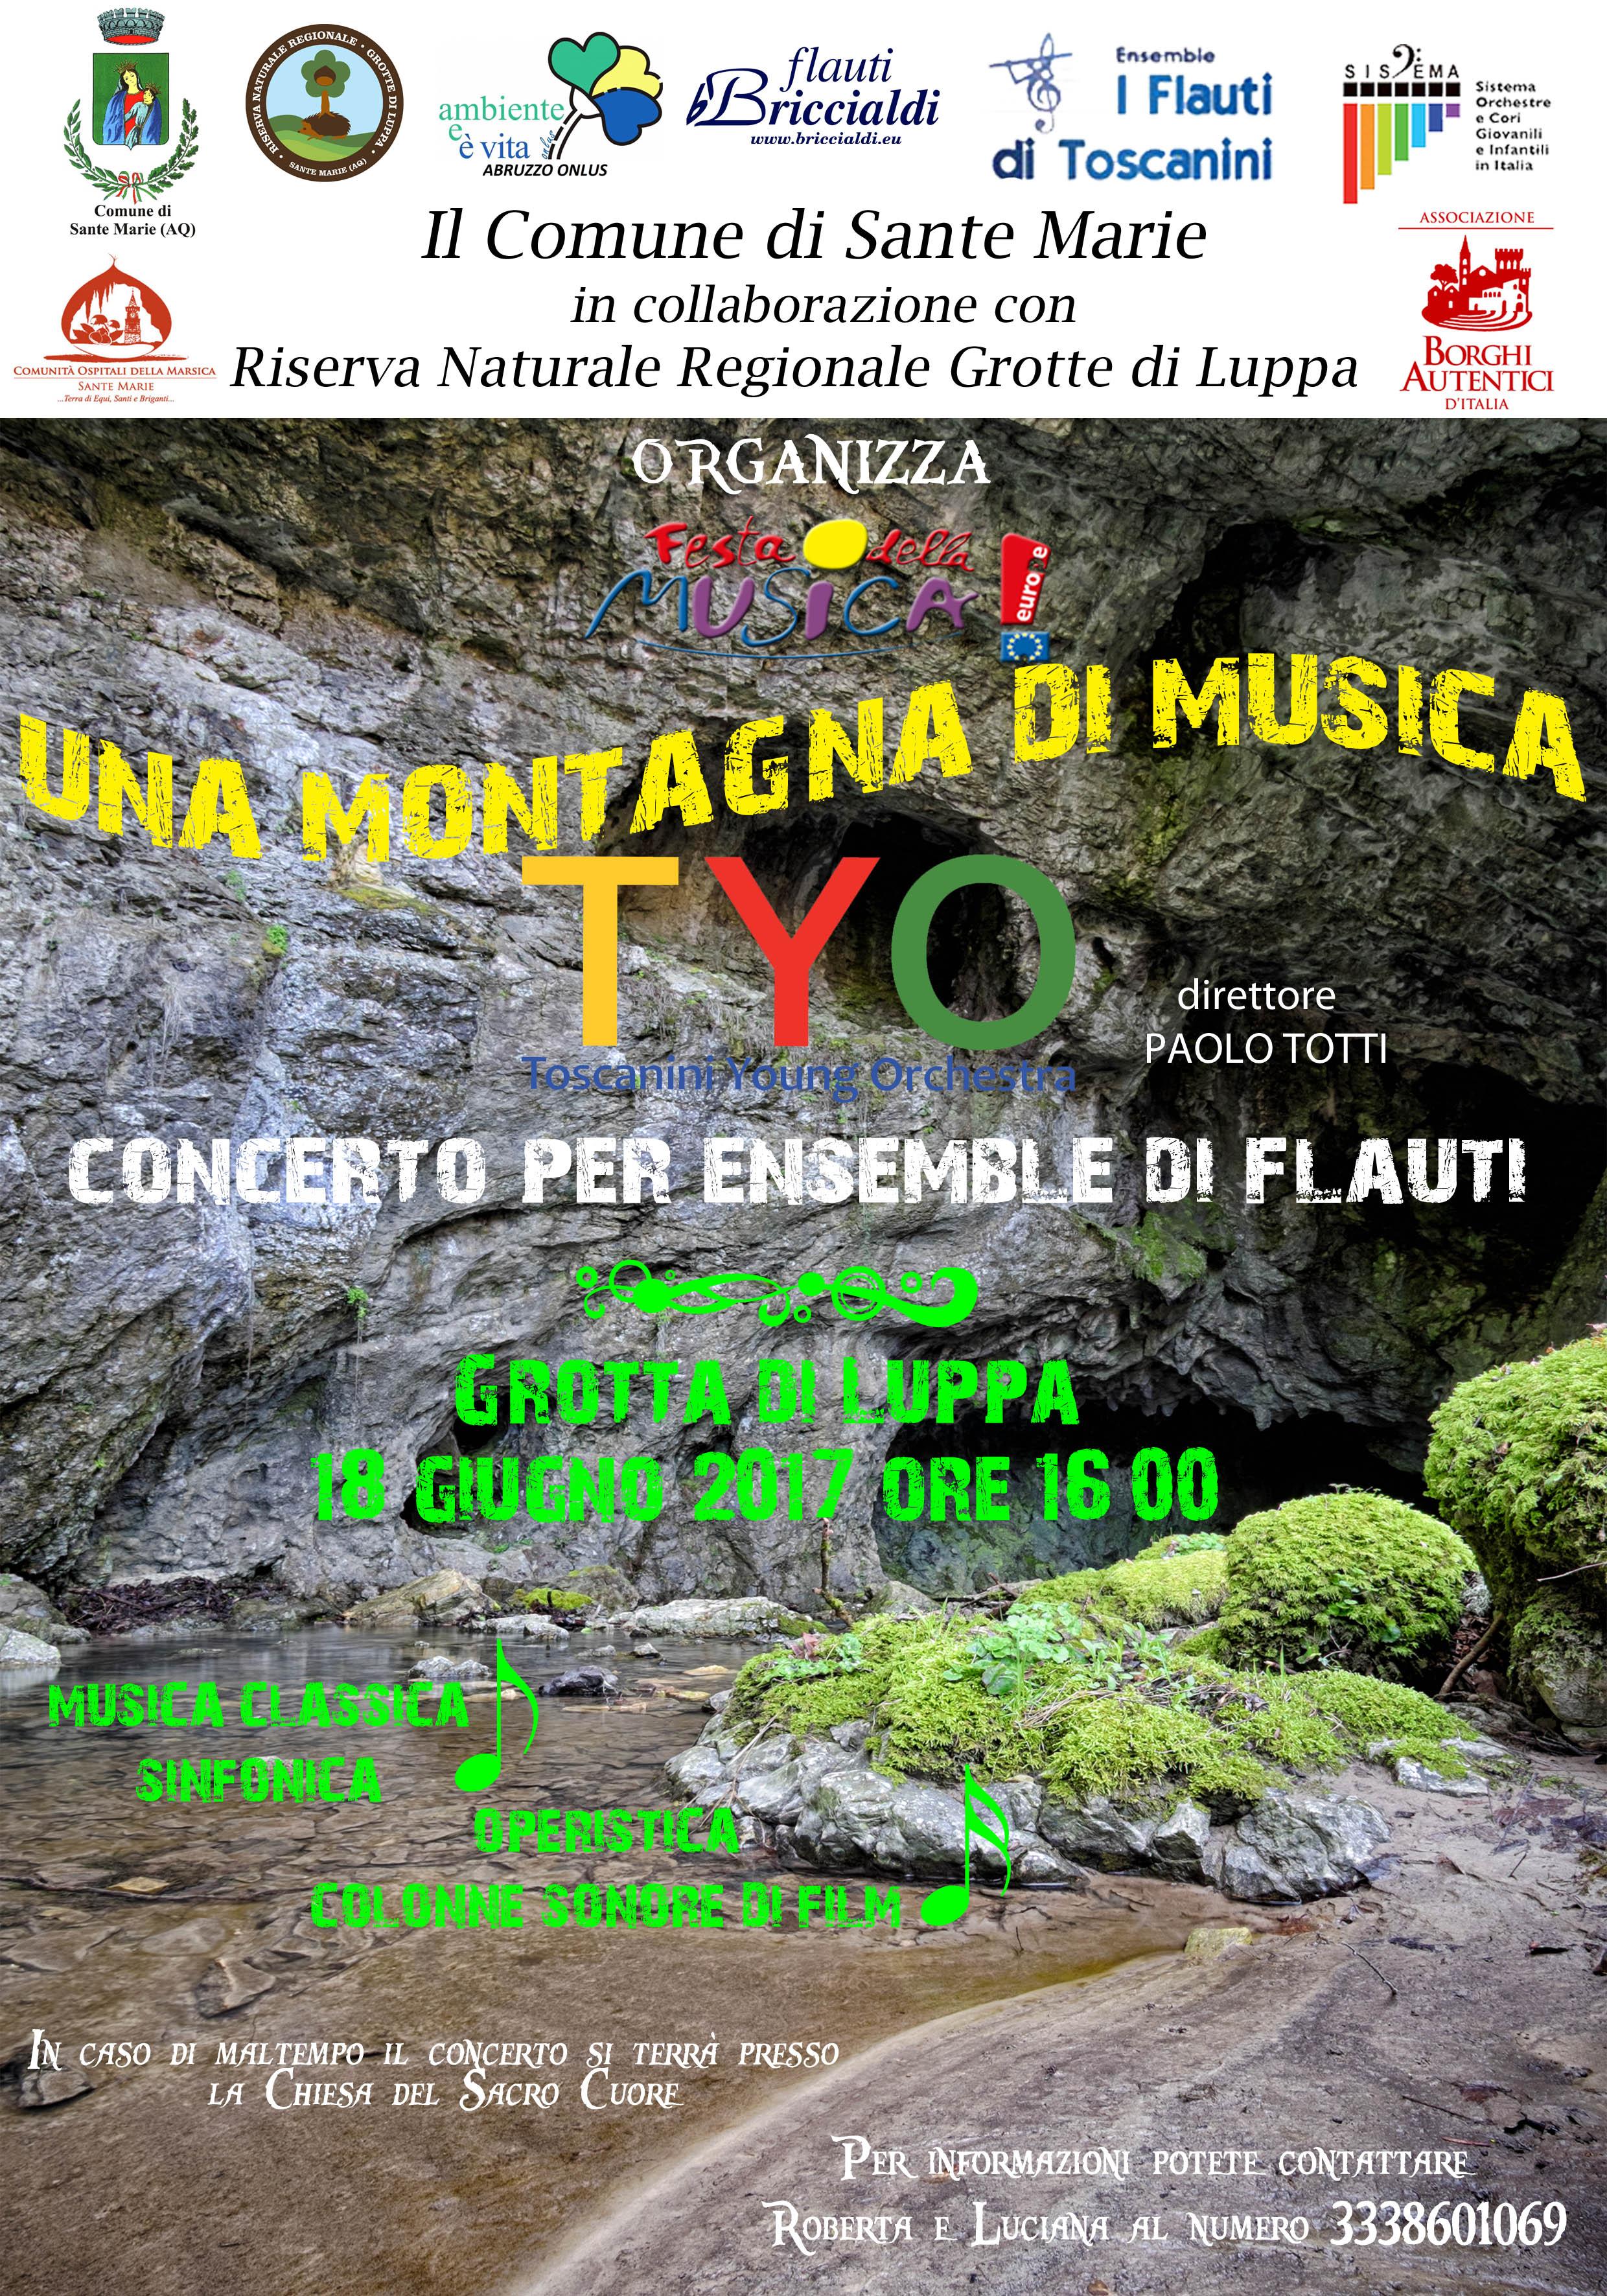 """Domenica 18 Giugno """"Giornata Europea della Musica"""" nella Riserva Regionale """"Grotta di Luppa"""" di Sante Marie"""